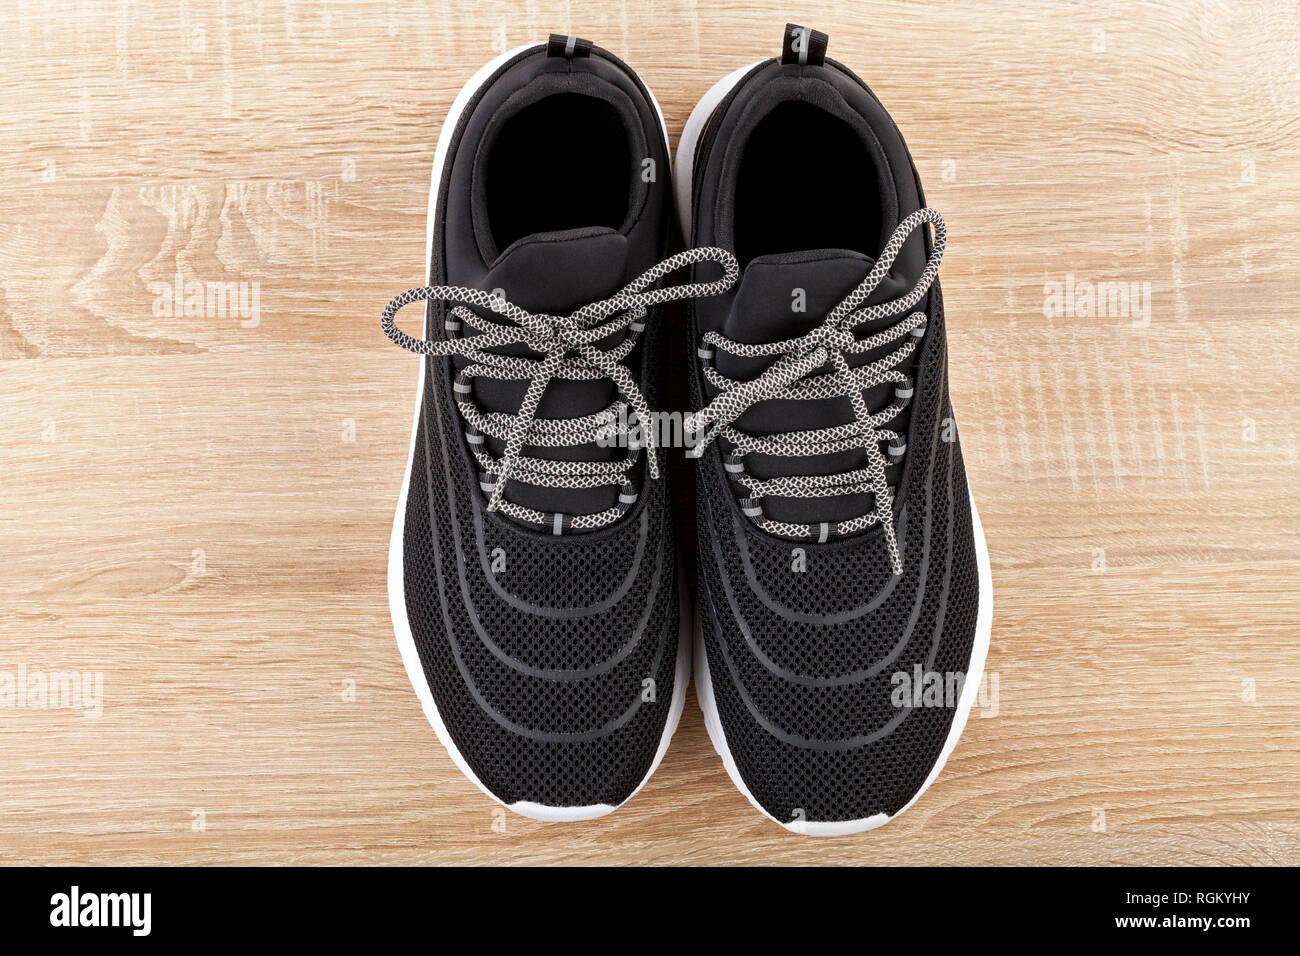 9b1506a7 Cerrar imagen de cómodo mens zapatillas sobre fondo de madera. Nuevo,  moderno, casual, calzado deportivo